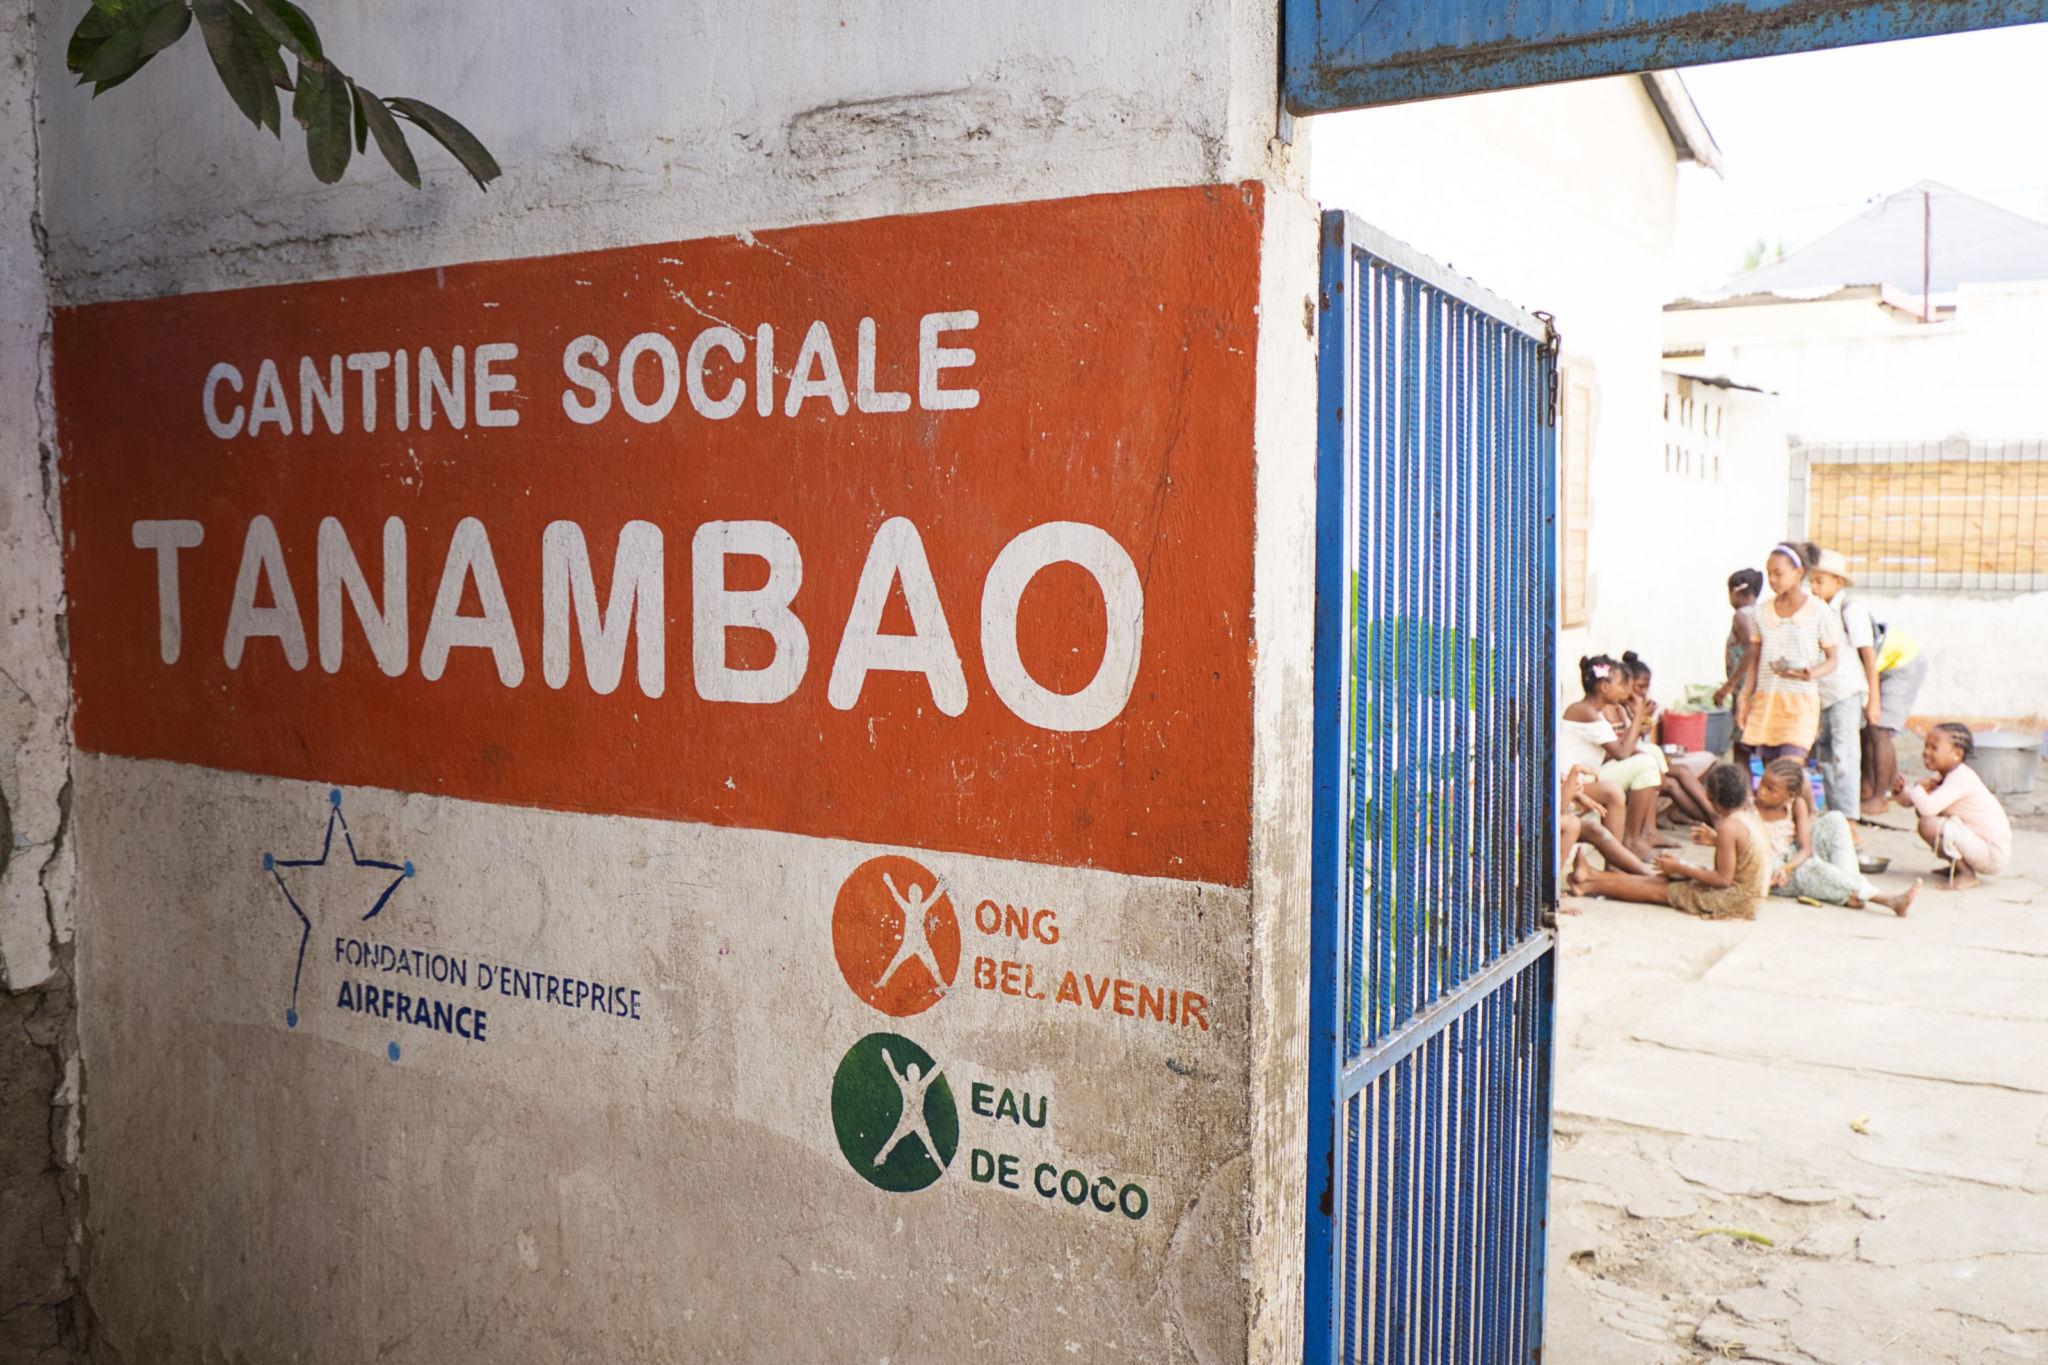 Cenut-Tanambao_049